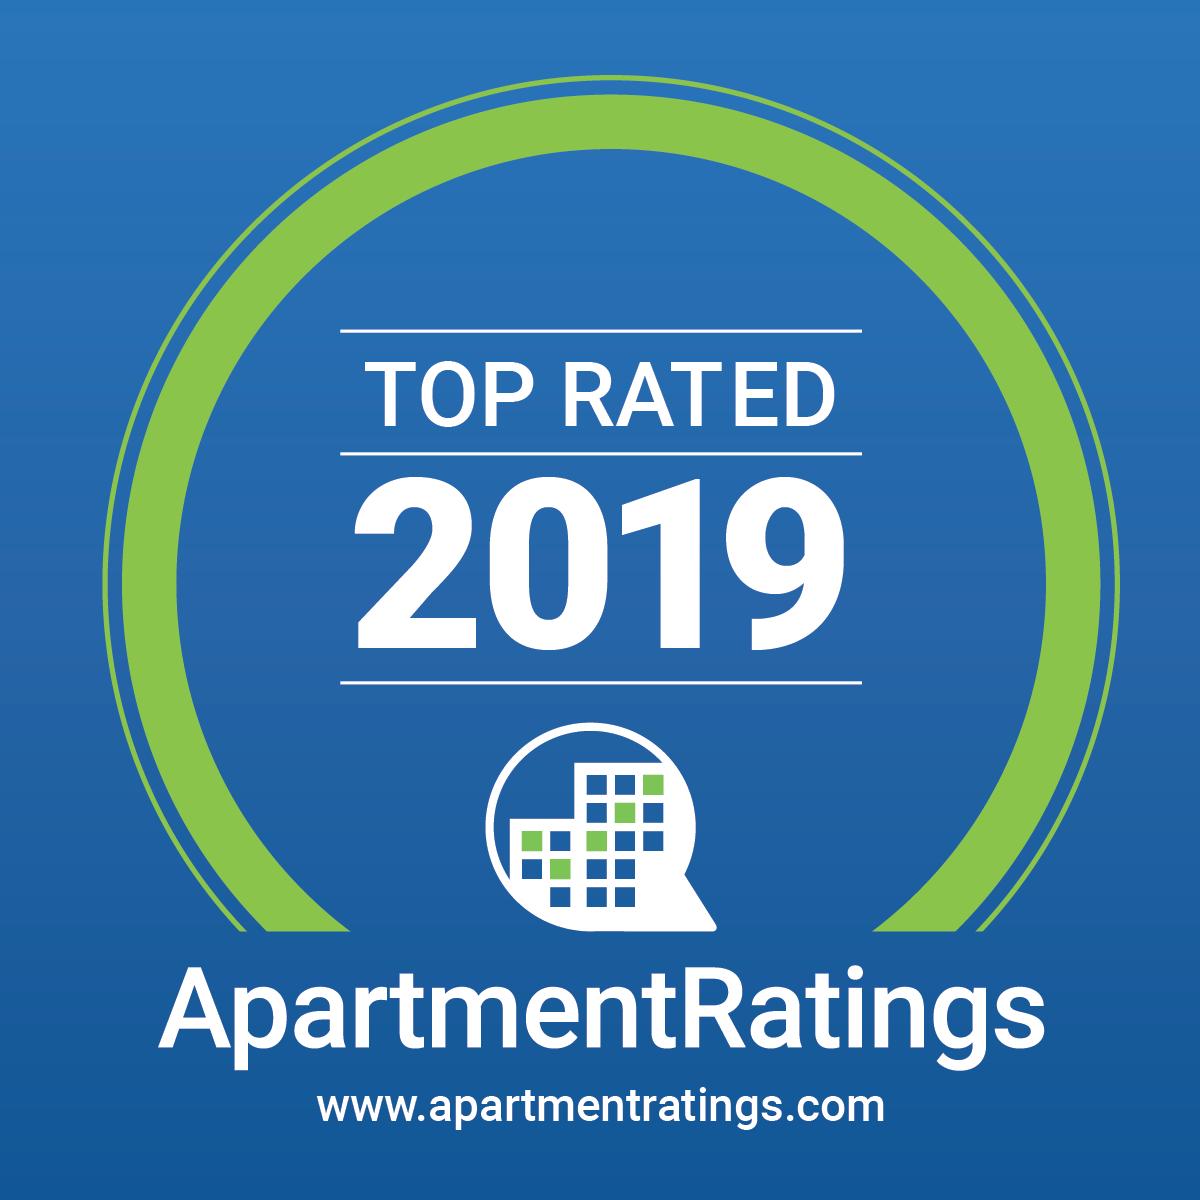 Apartment Rating award 2019